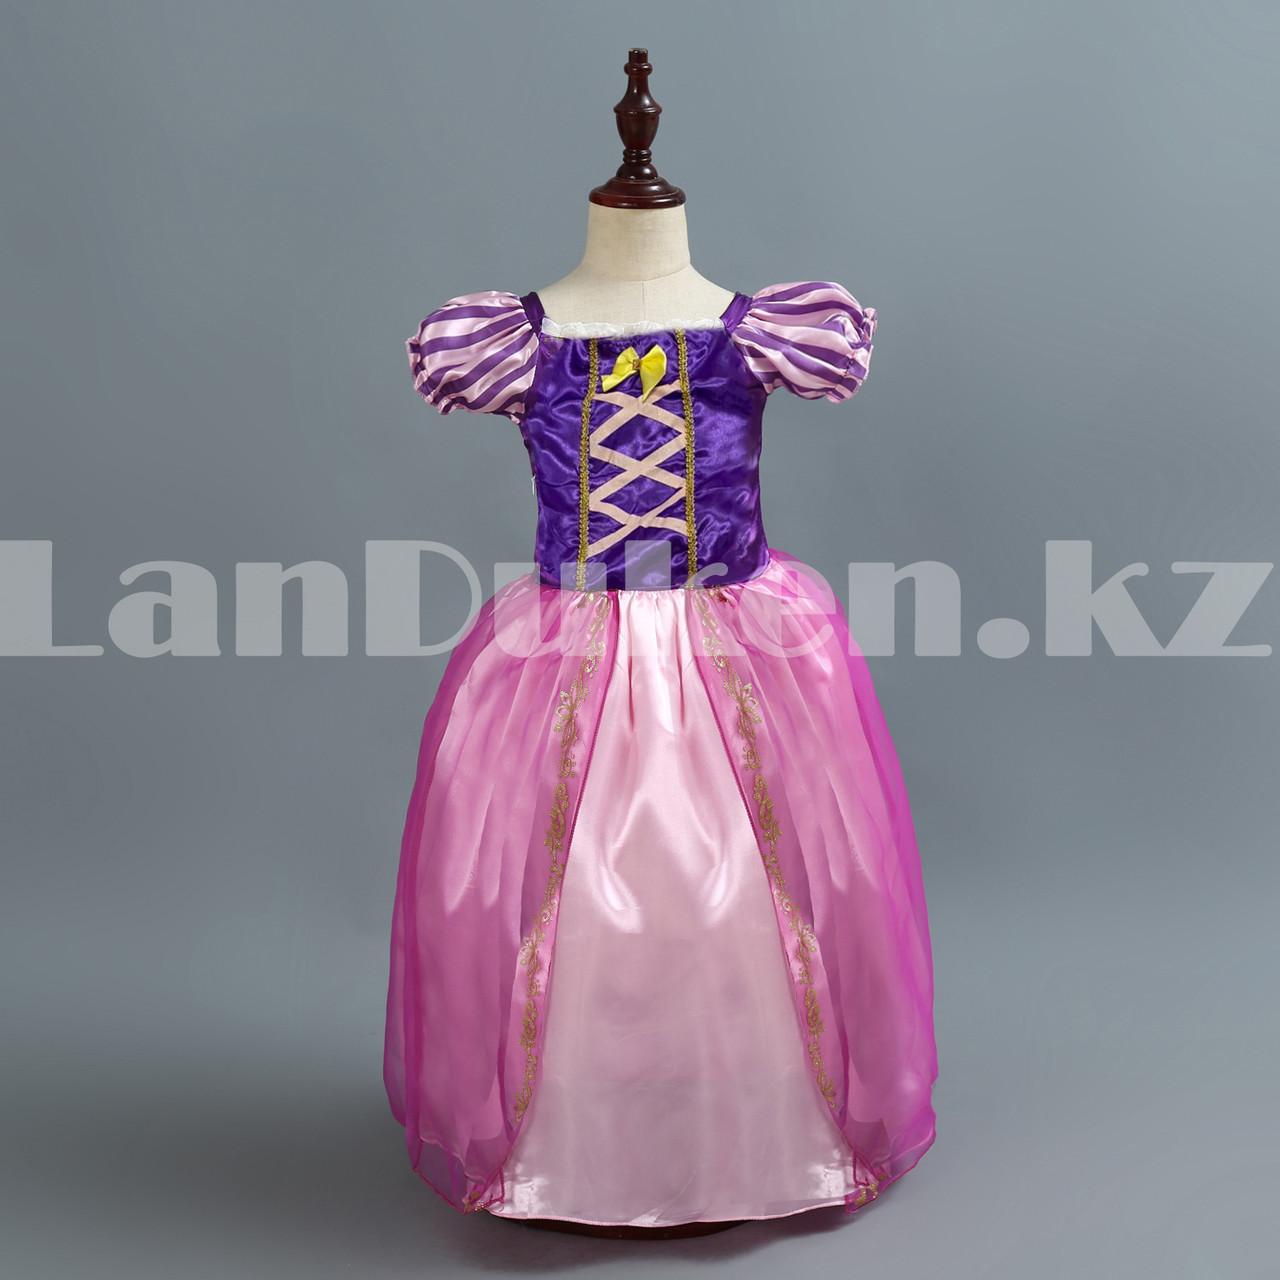 Костюм детский карнавальный Рапунцель принцесса для девочек фиолетовое BN-8002 - фото 2